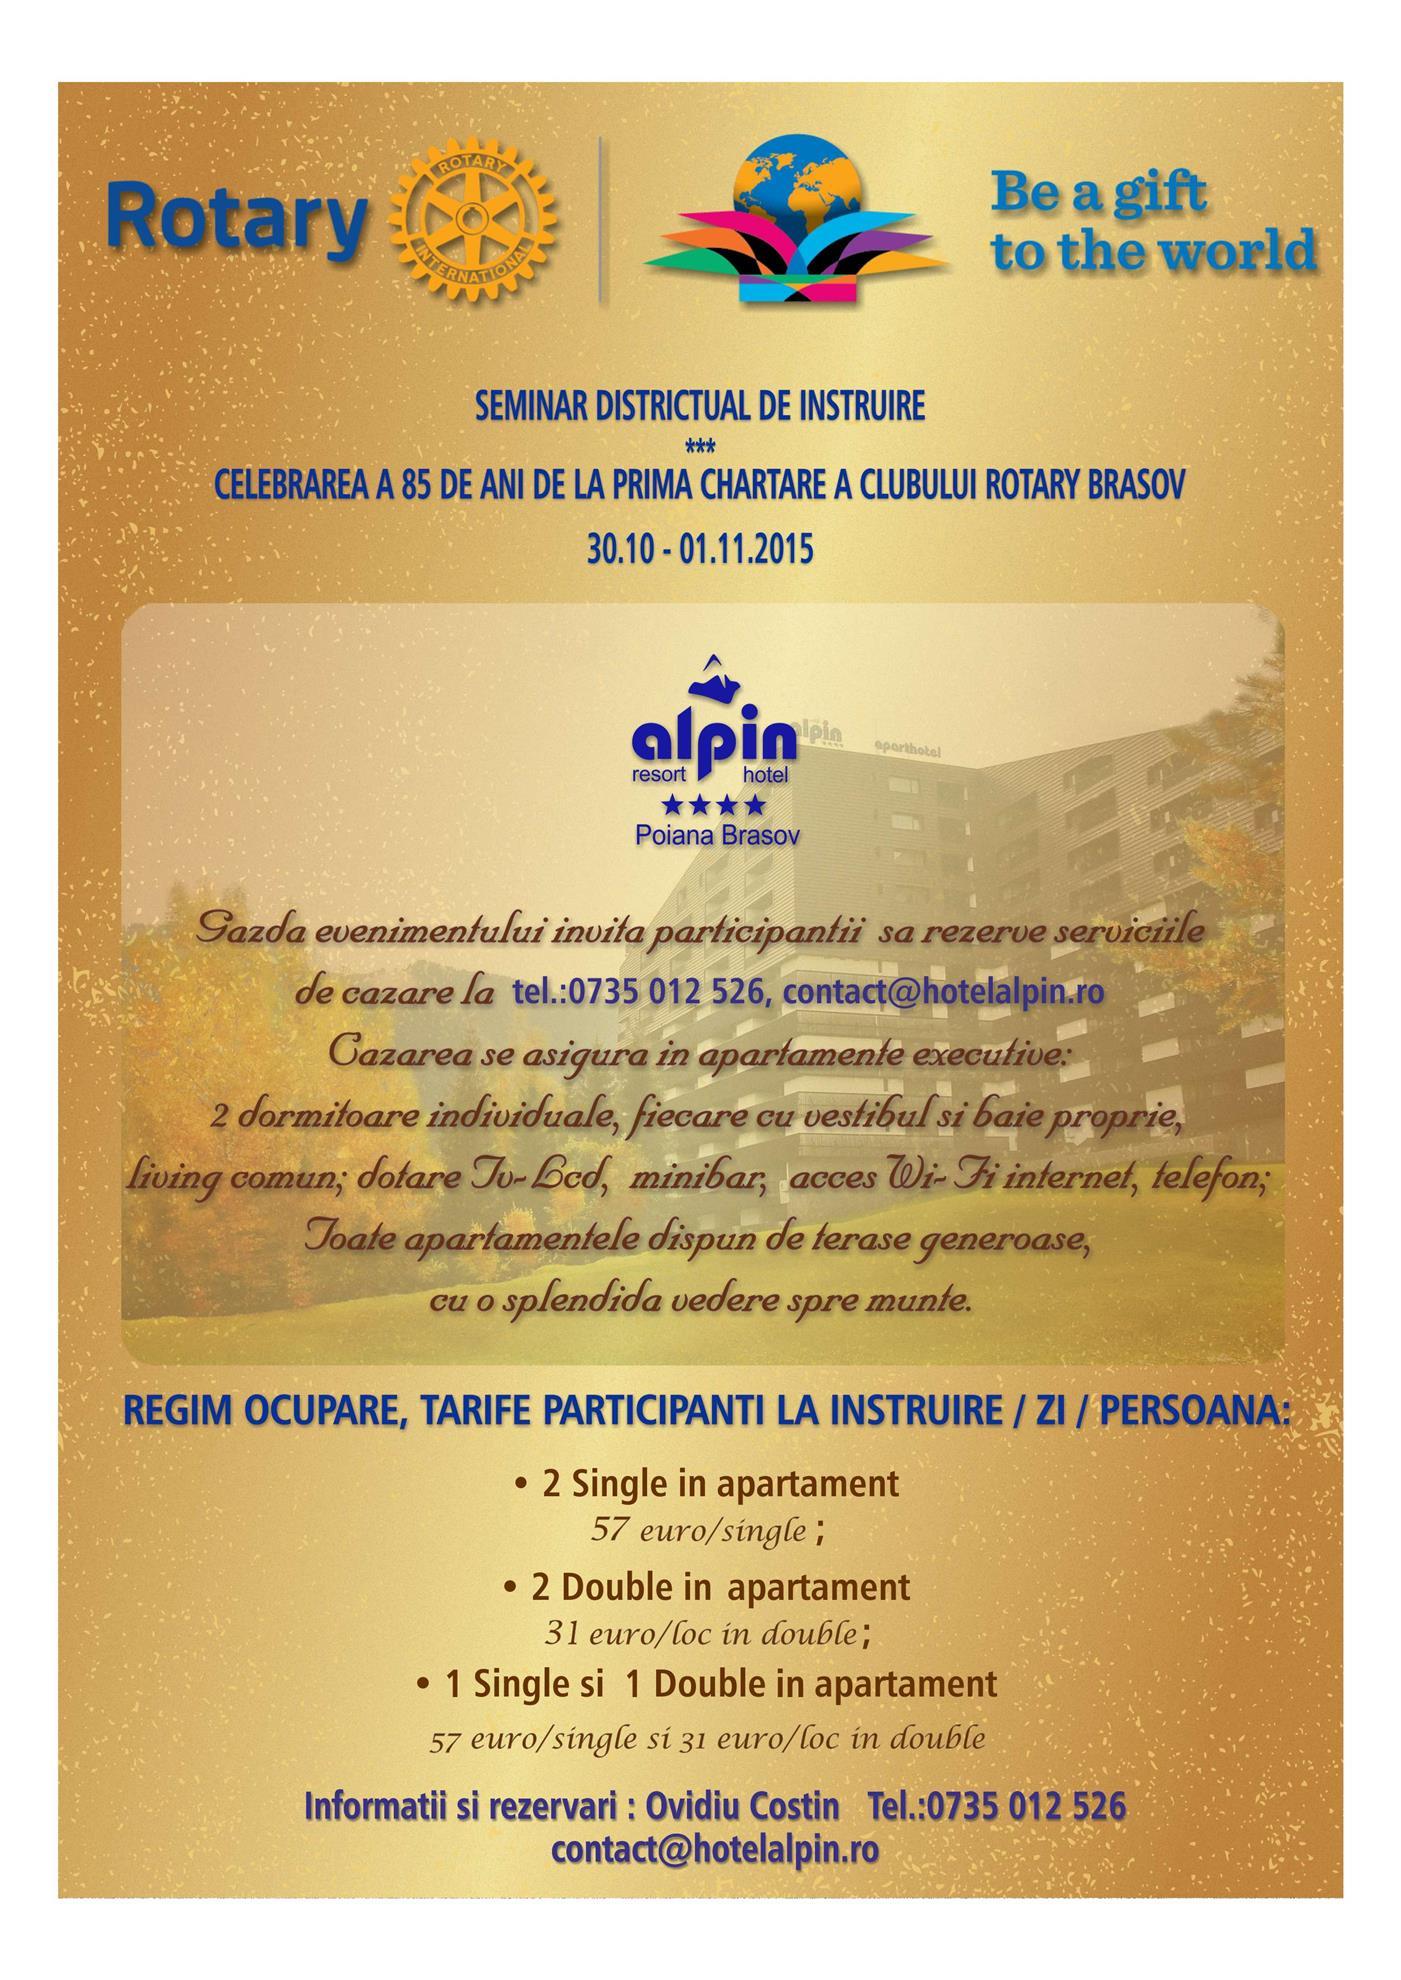 Sarbatorirea a 85 de ani de la prima Chartare si 20 de ani de la re-Chartarea Clubului Rotary Brasov